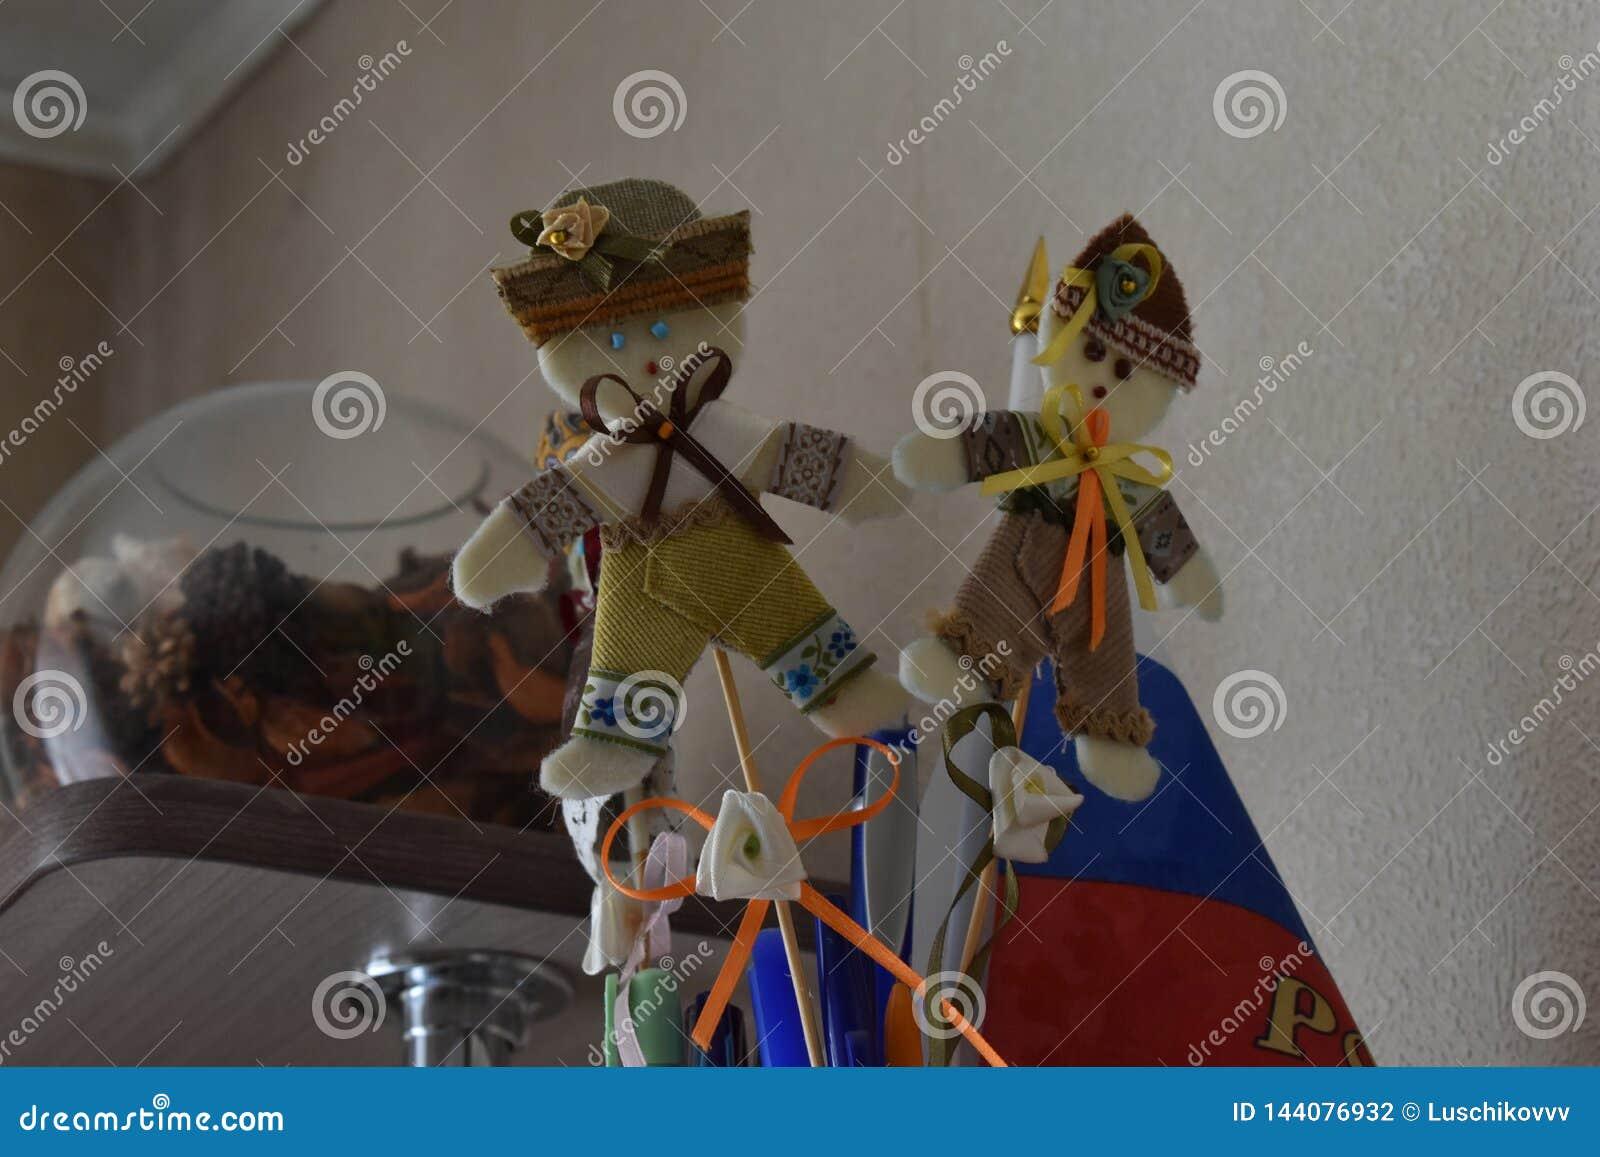 Ballo rotondo - bambola di straccio piega con le sue mani